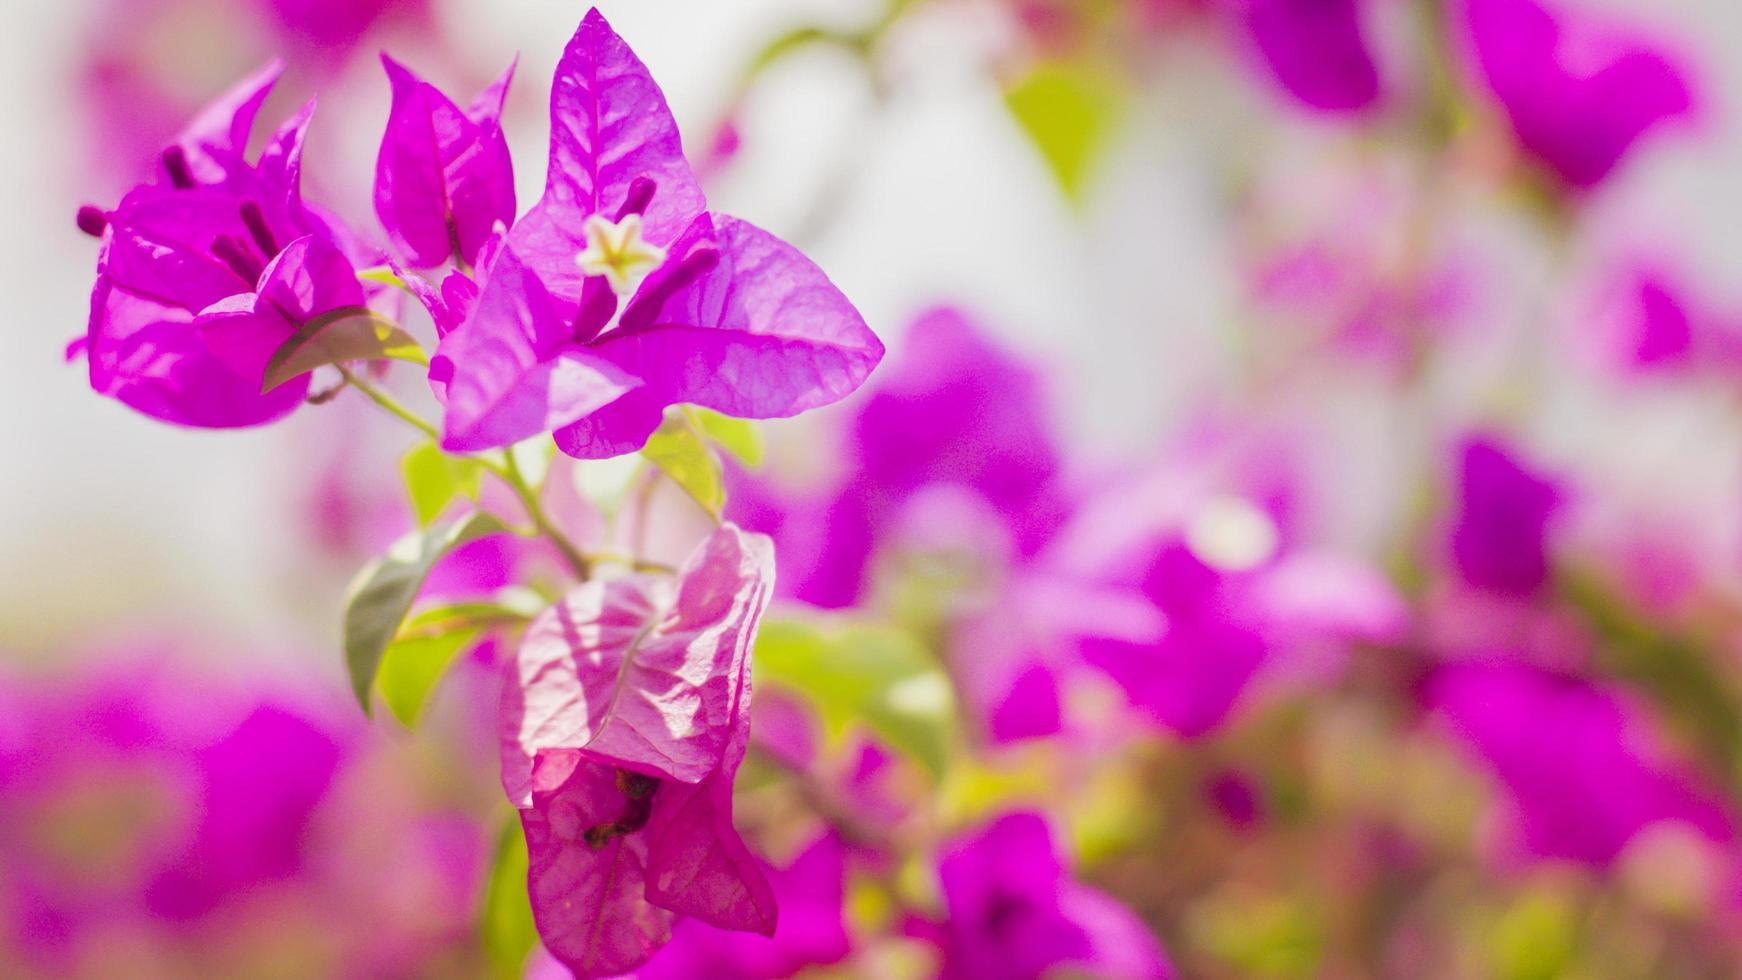 fioritura rosa fiori di bouganville foto